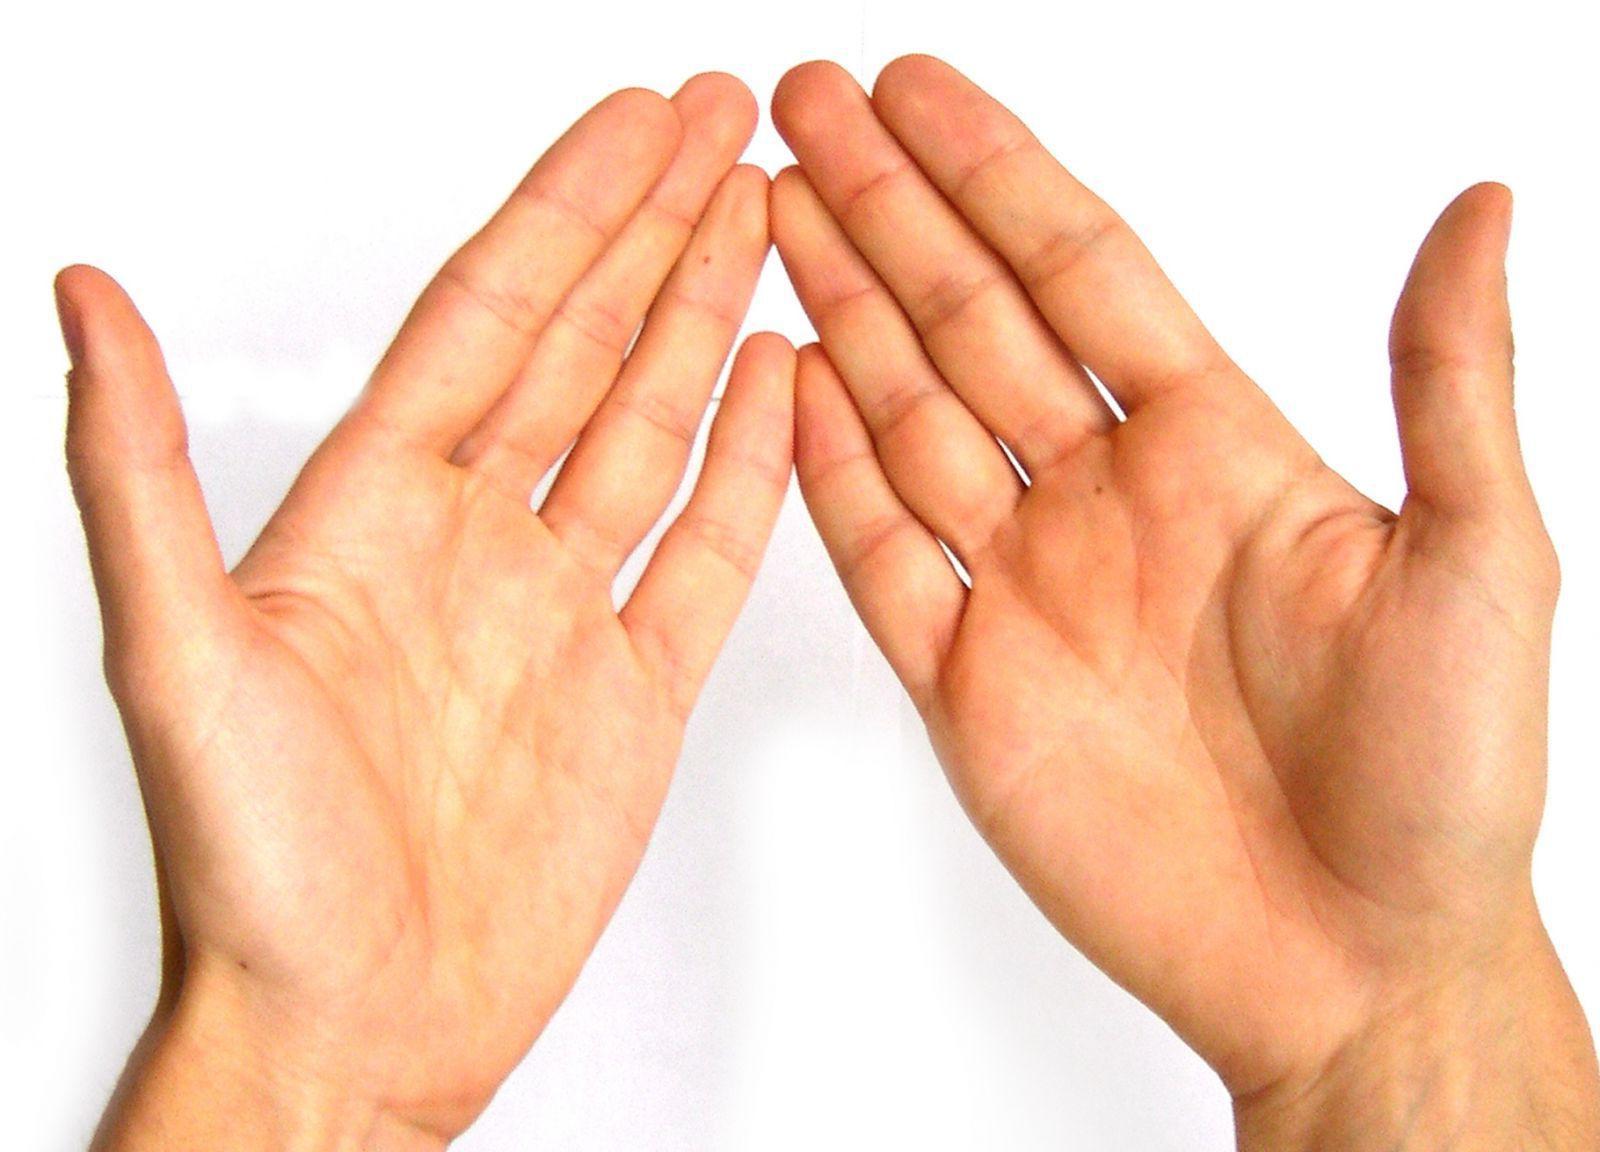 Правой рукой касаюсь своей левой руки